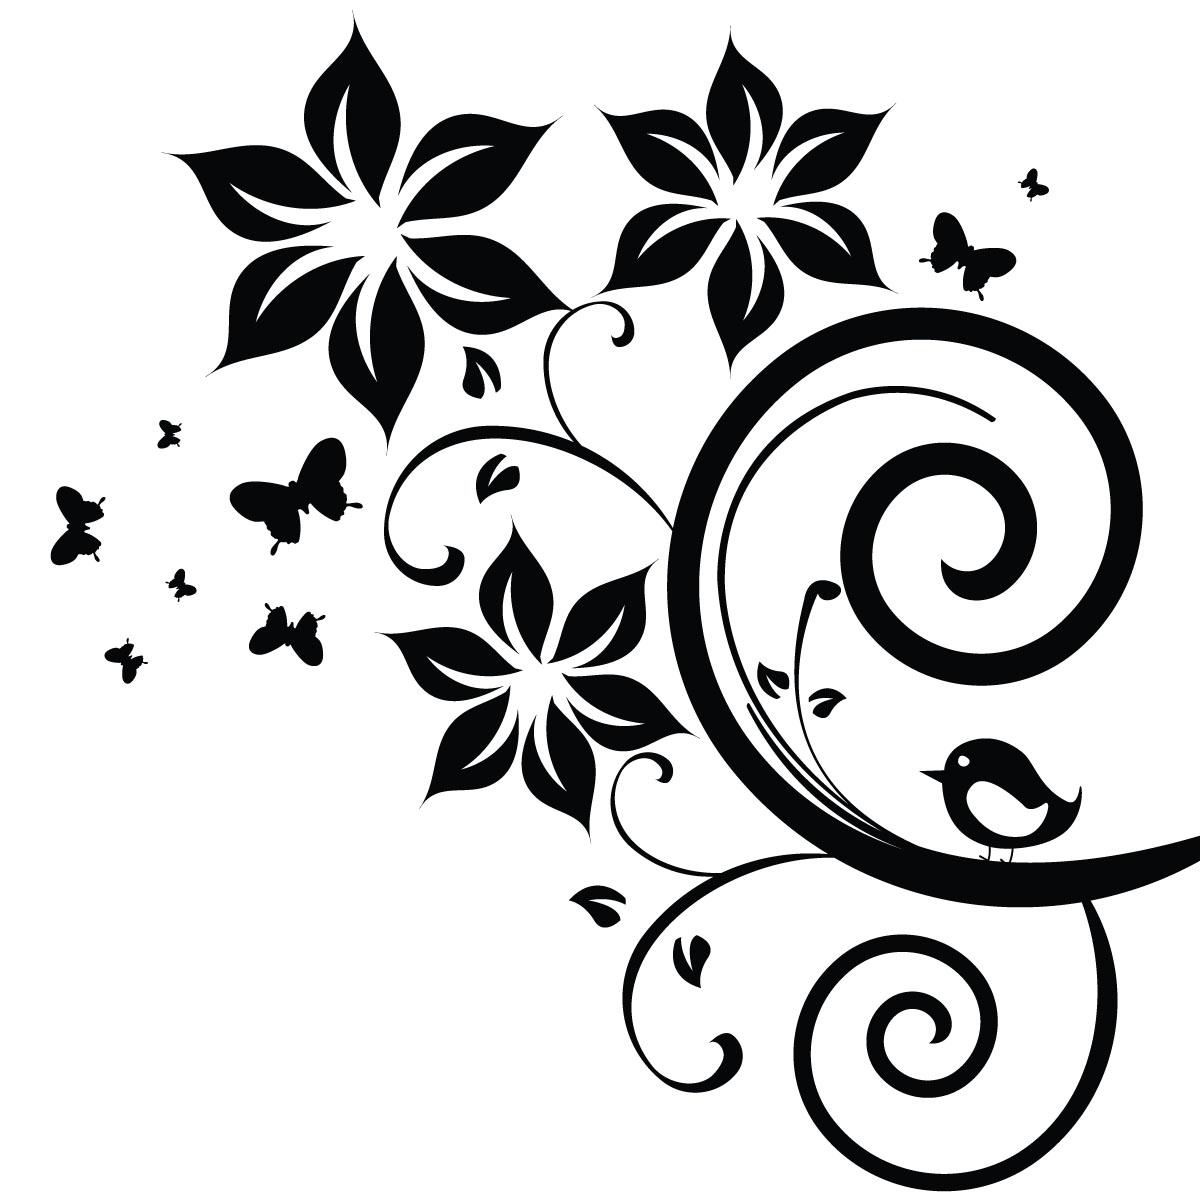 Carrelage Mural Blanc : Sticker fleurs papillons et oiseau stickers nature